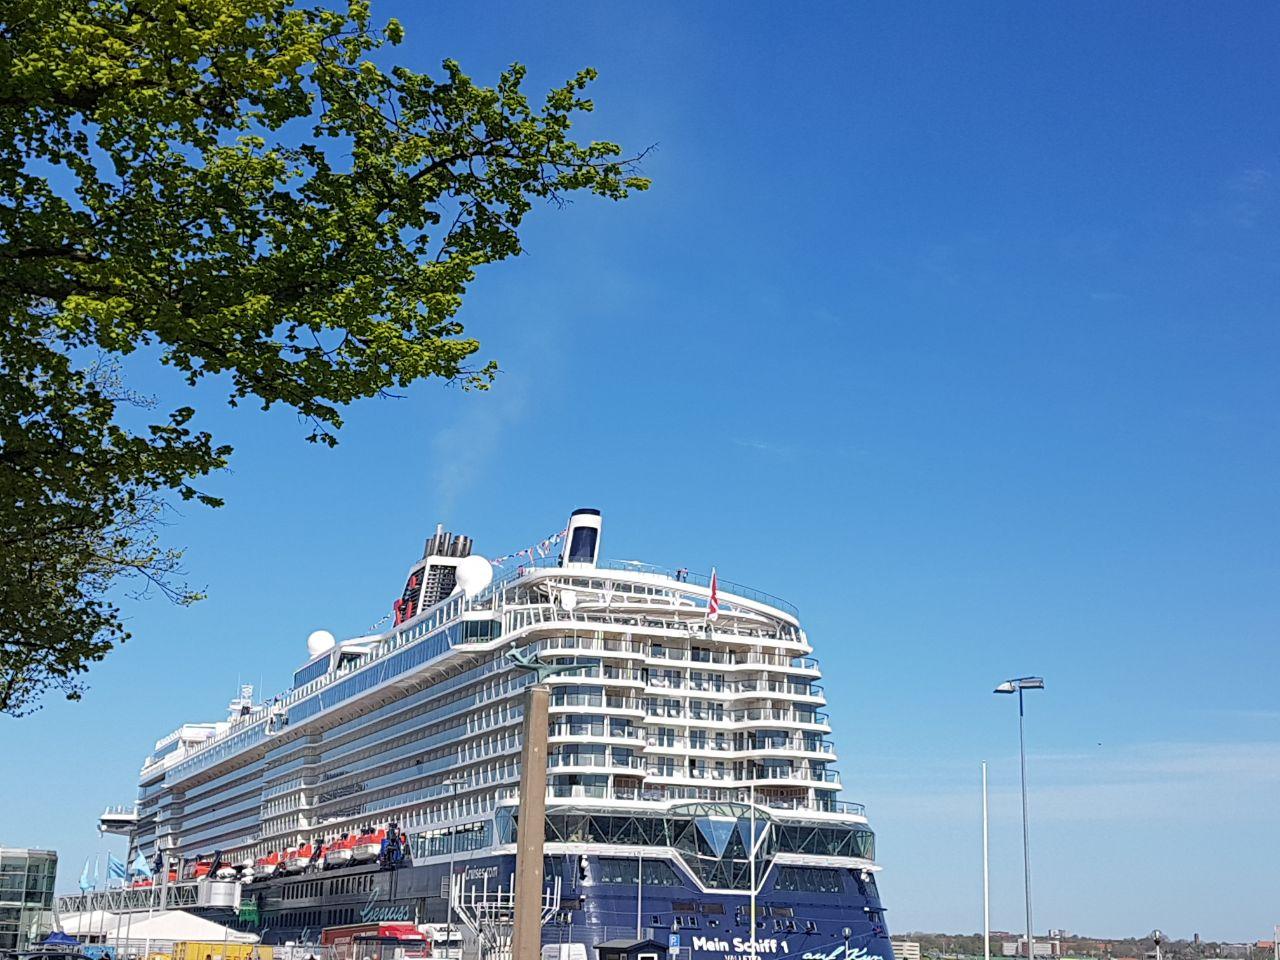 Unterwegs auf der neuen MEIN SCHIFF 1   Meine Erfahrungen... uncategorized tui cruises reisebericht kreuzfahrt  Foto 08.05.18 15 46 25